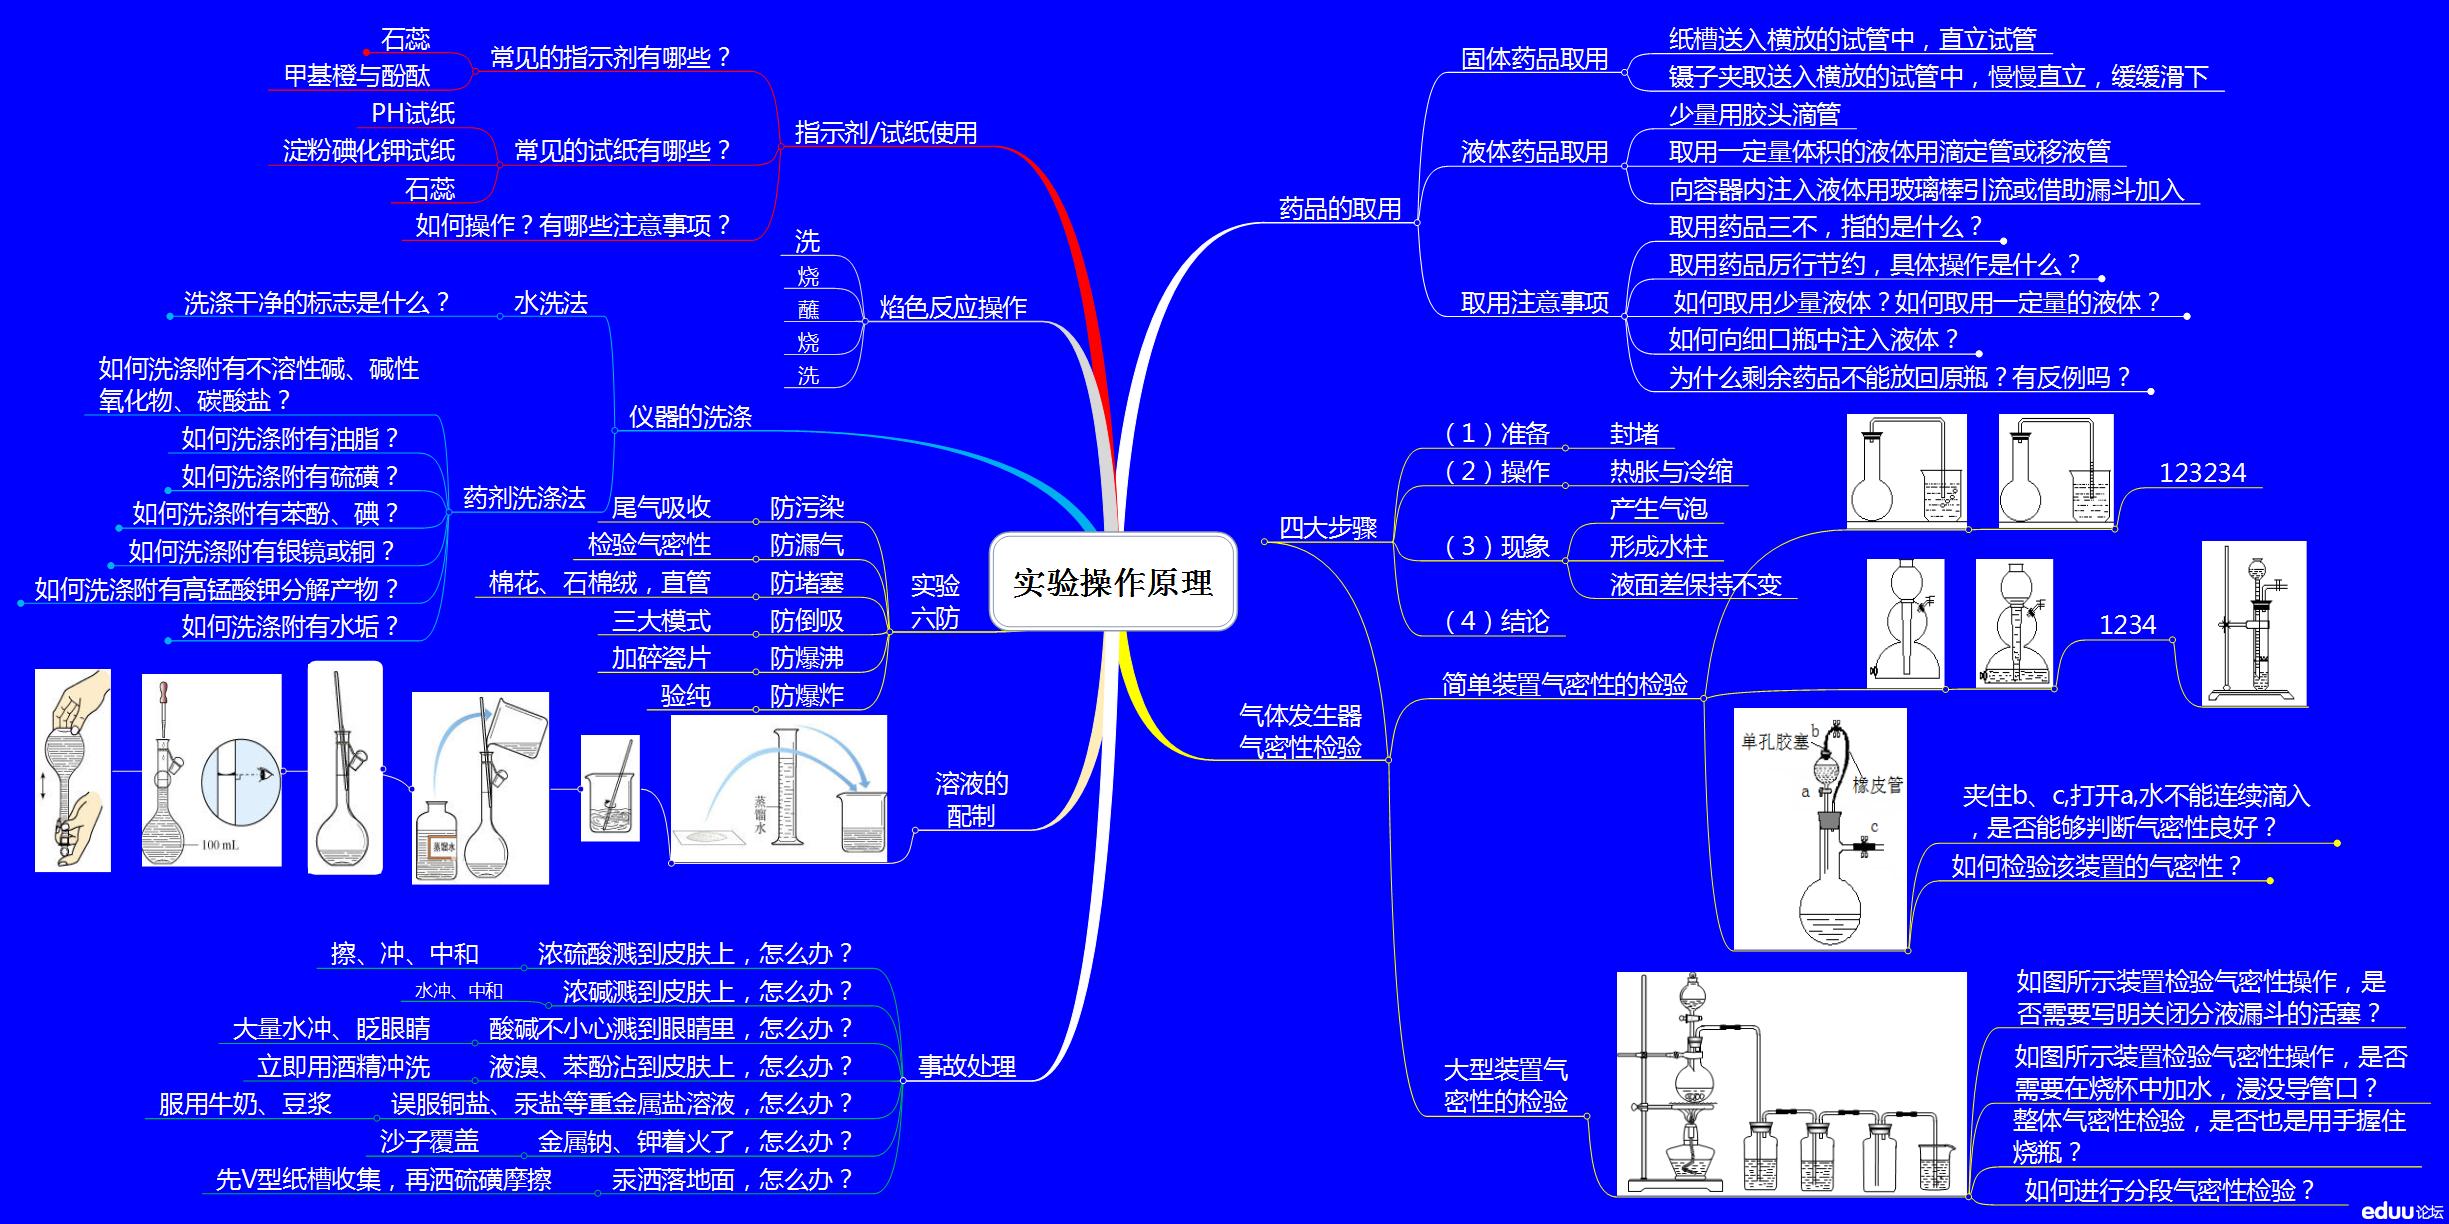 2014备考化学思维导图——实验操作原理